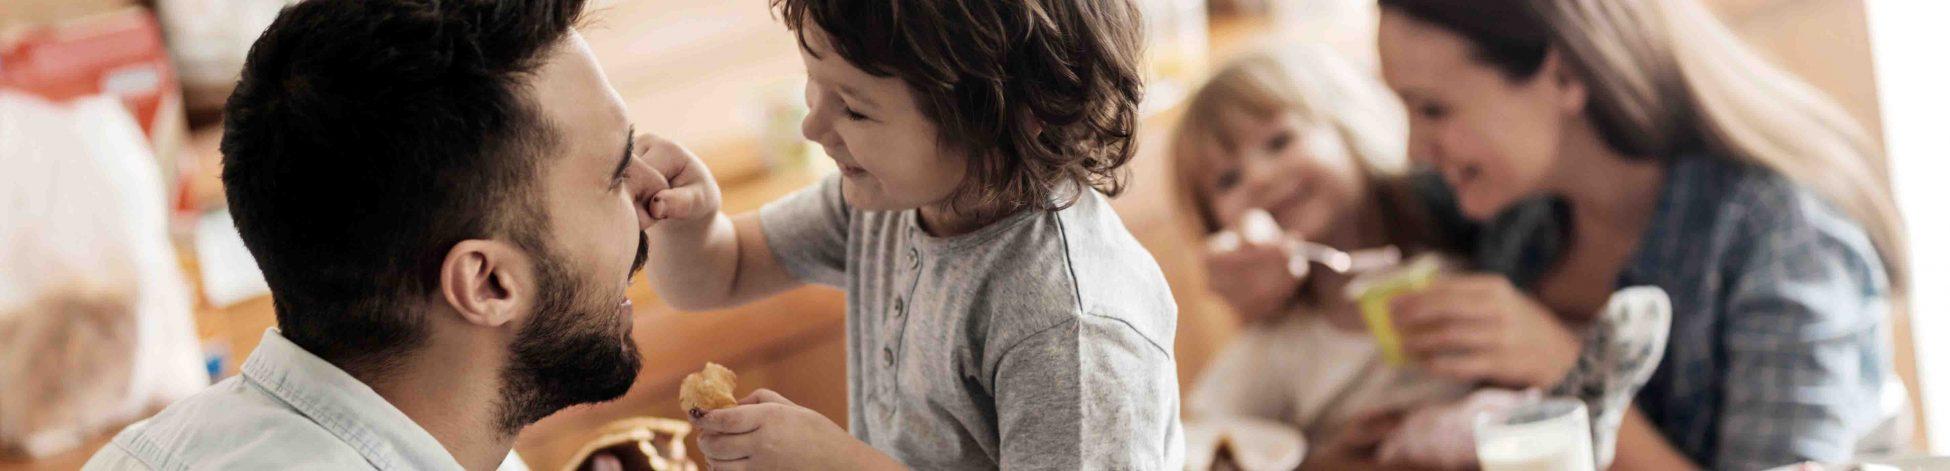 Familienentlastung: Grundfreibetrag für 2021 nochmals ...